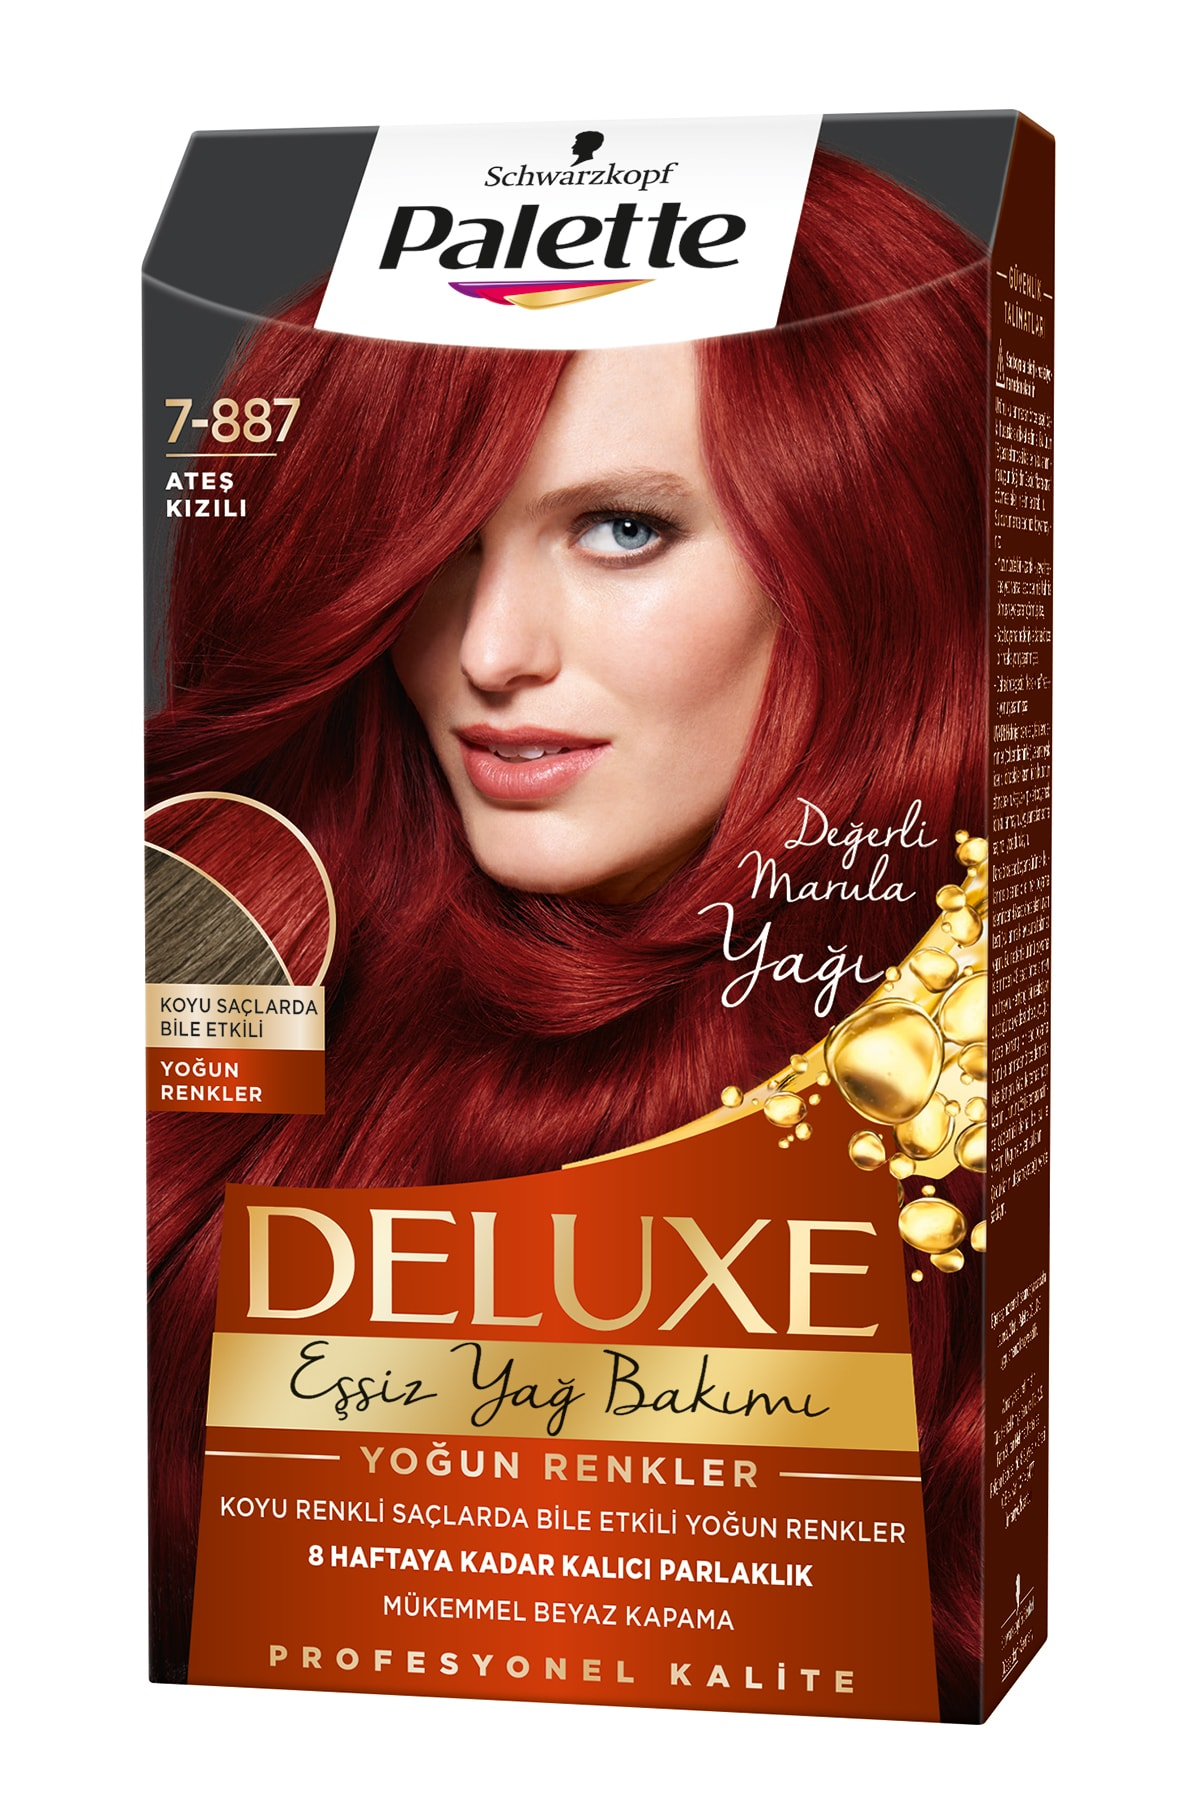 Palette Deluxe Yoğun Renkler 7-887 Ateş Kızılı Saç Boyası 1